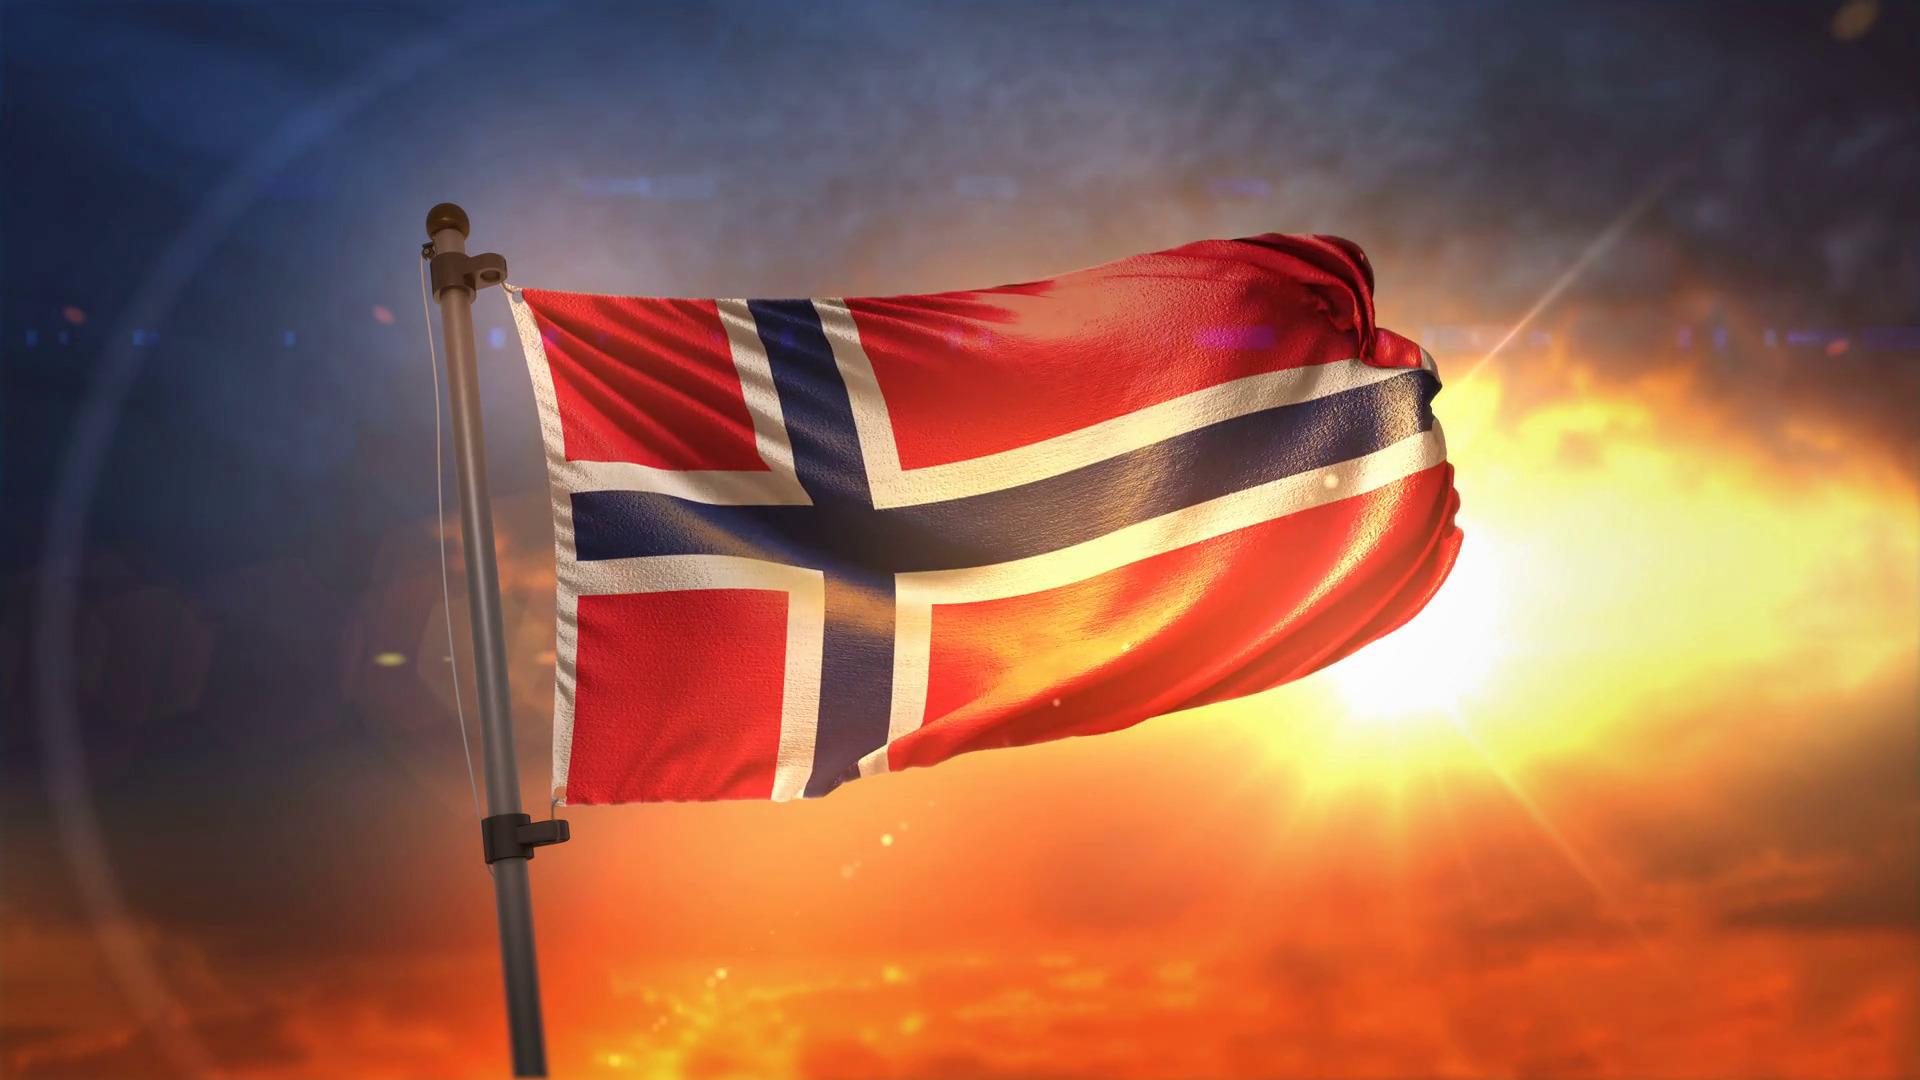 Norway Flag #новости Грузия, День Конституции Норвегии, Норвегия, Осло